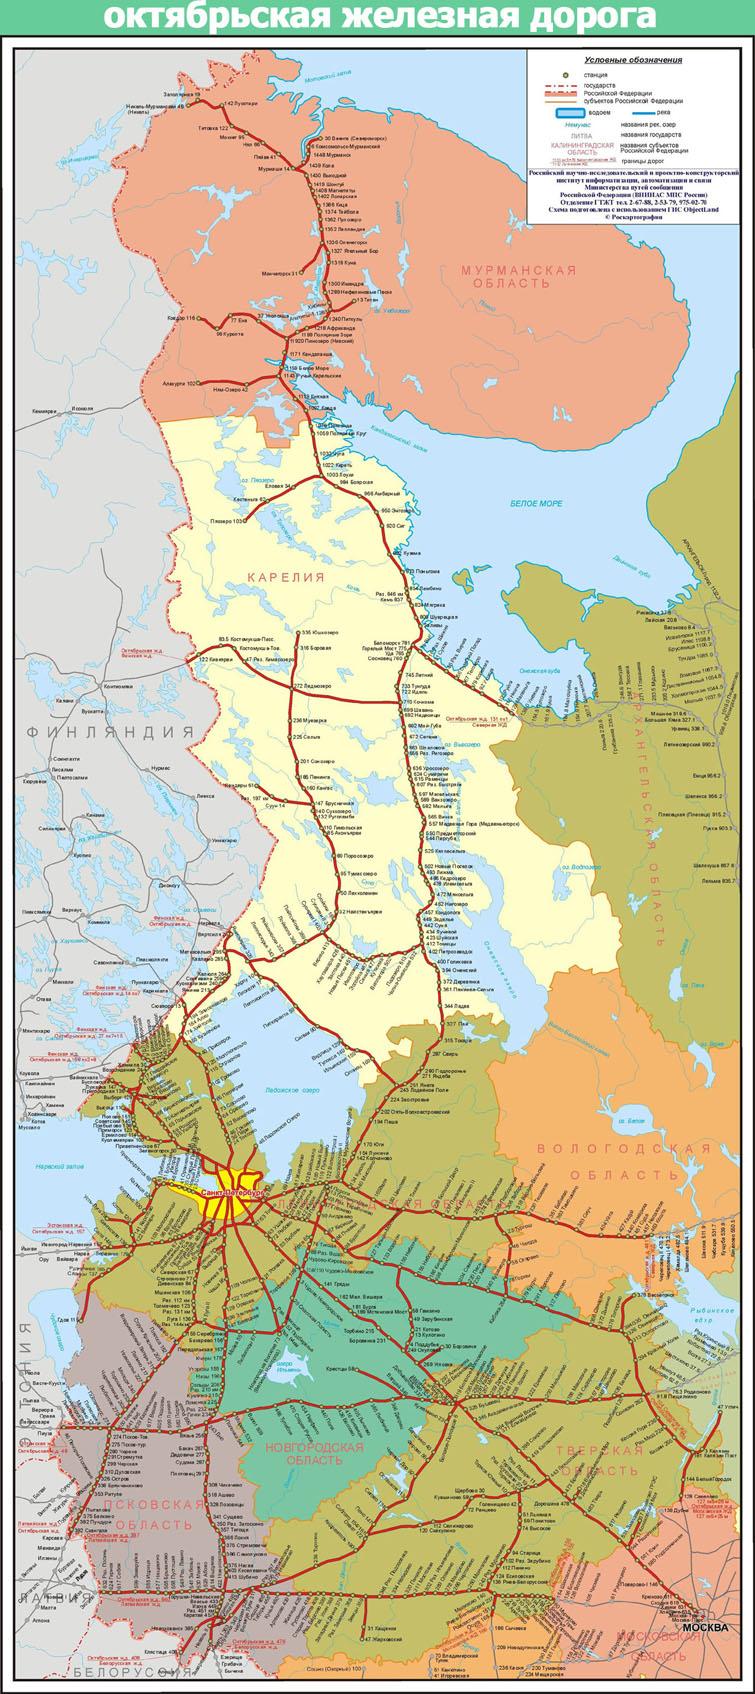 Скачать карту схему метро москвы - 7